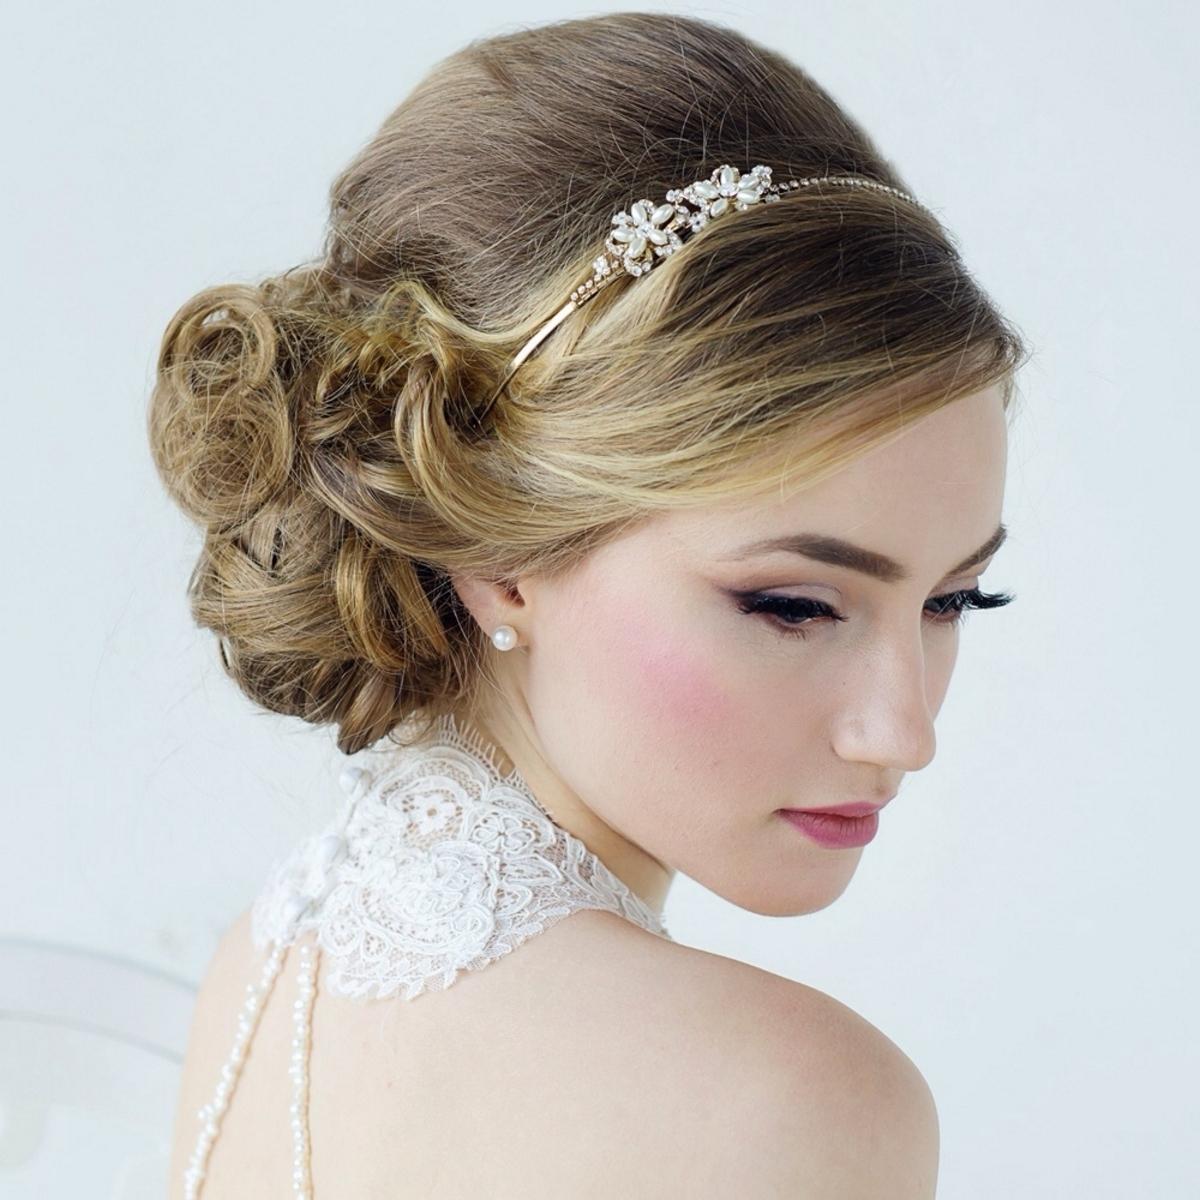 Obter Pure Comfort & Style Em Ocasiões Especiais De Verão Com Penteados